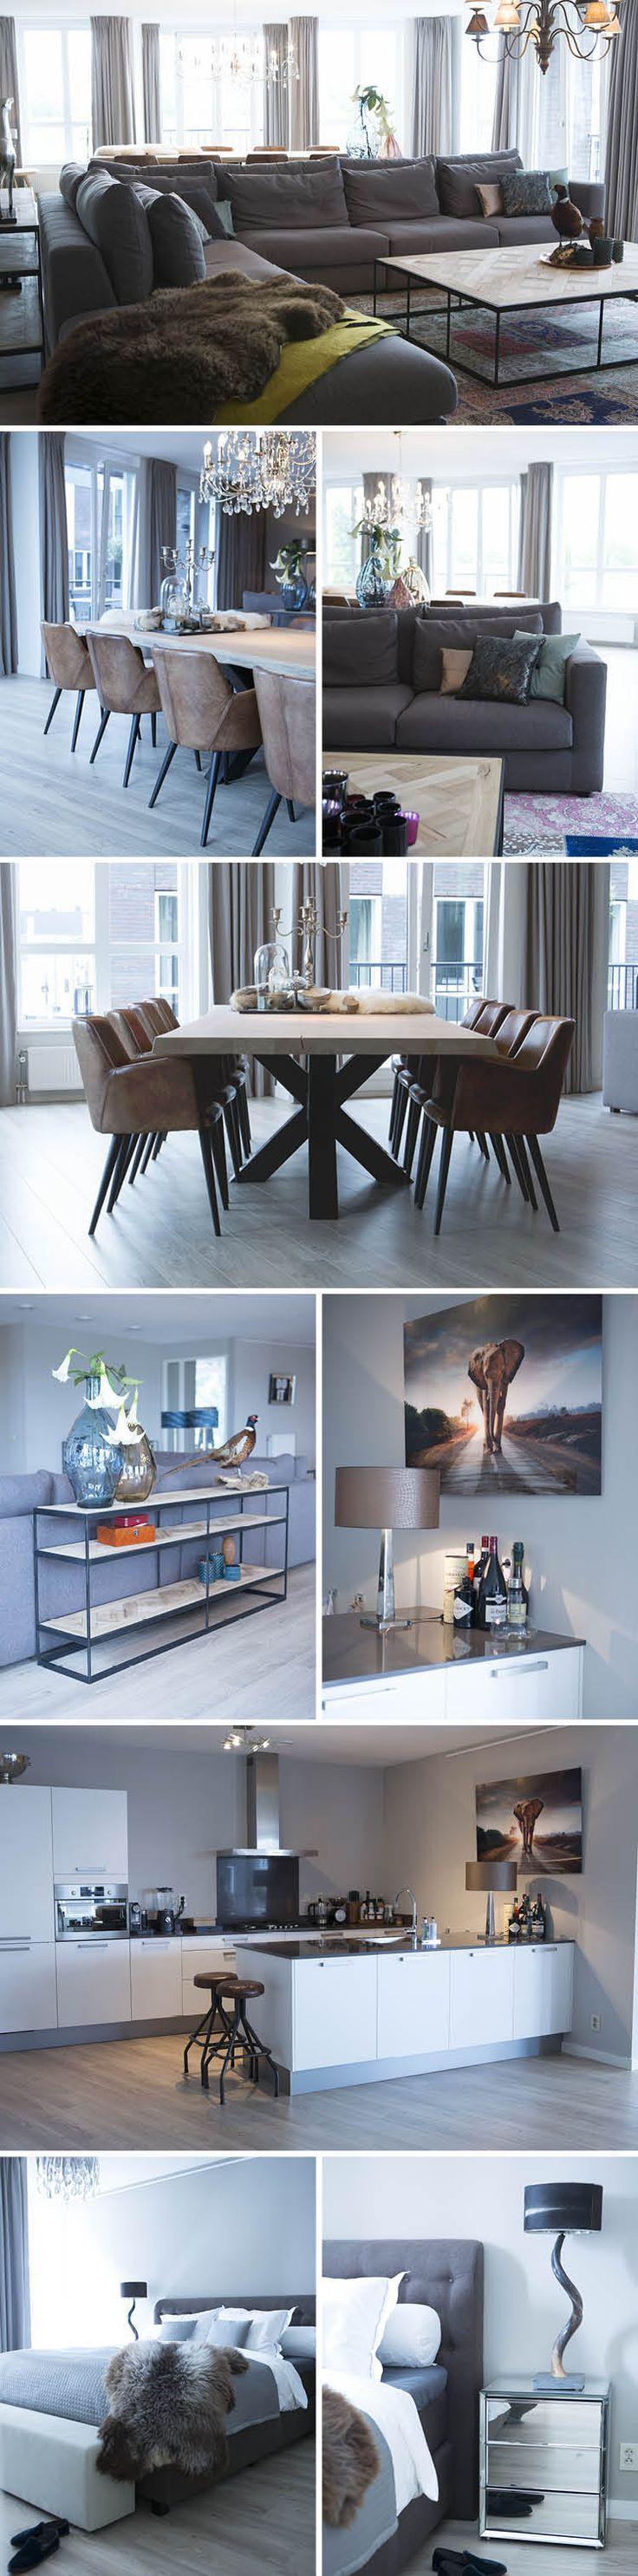 1000+ images about Mooi voor in, aan en om het huis on Pinterest ...